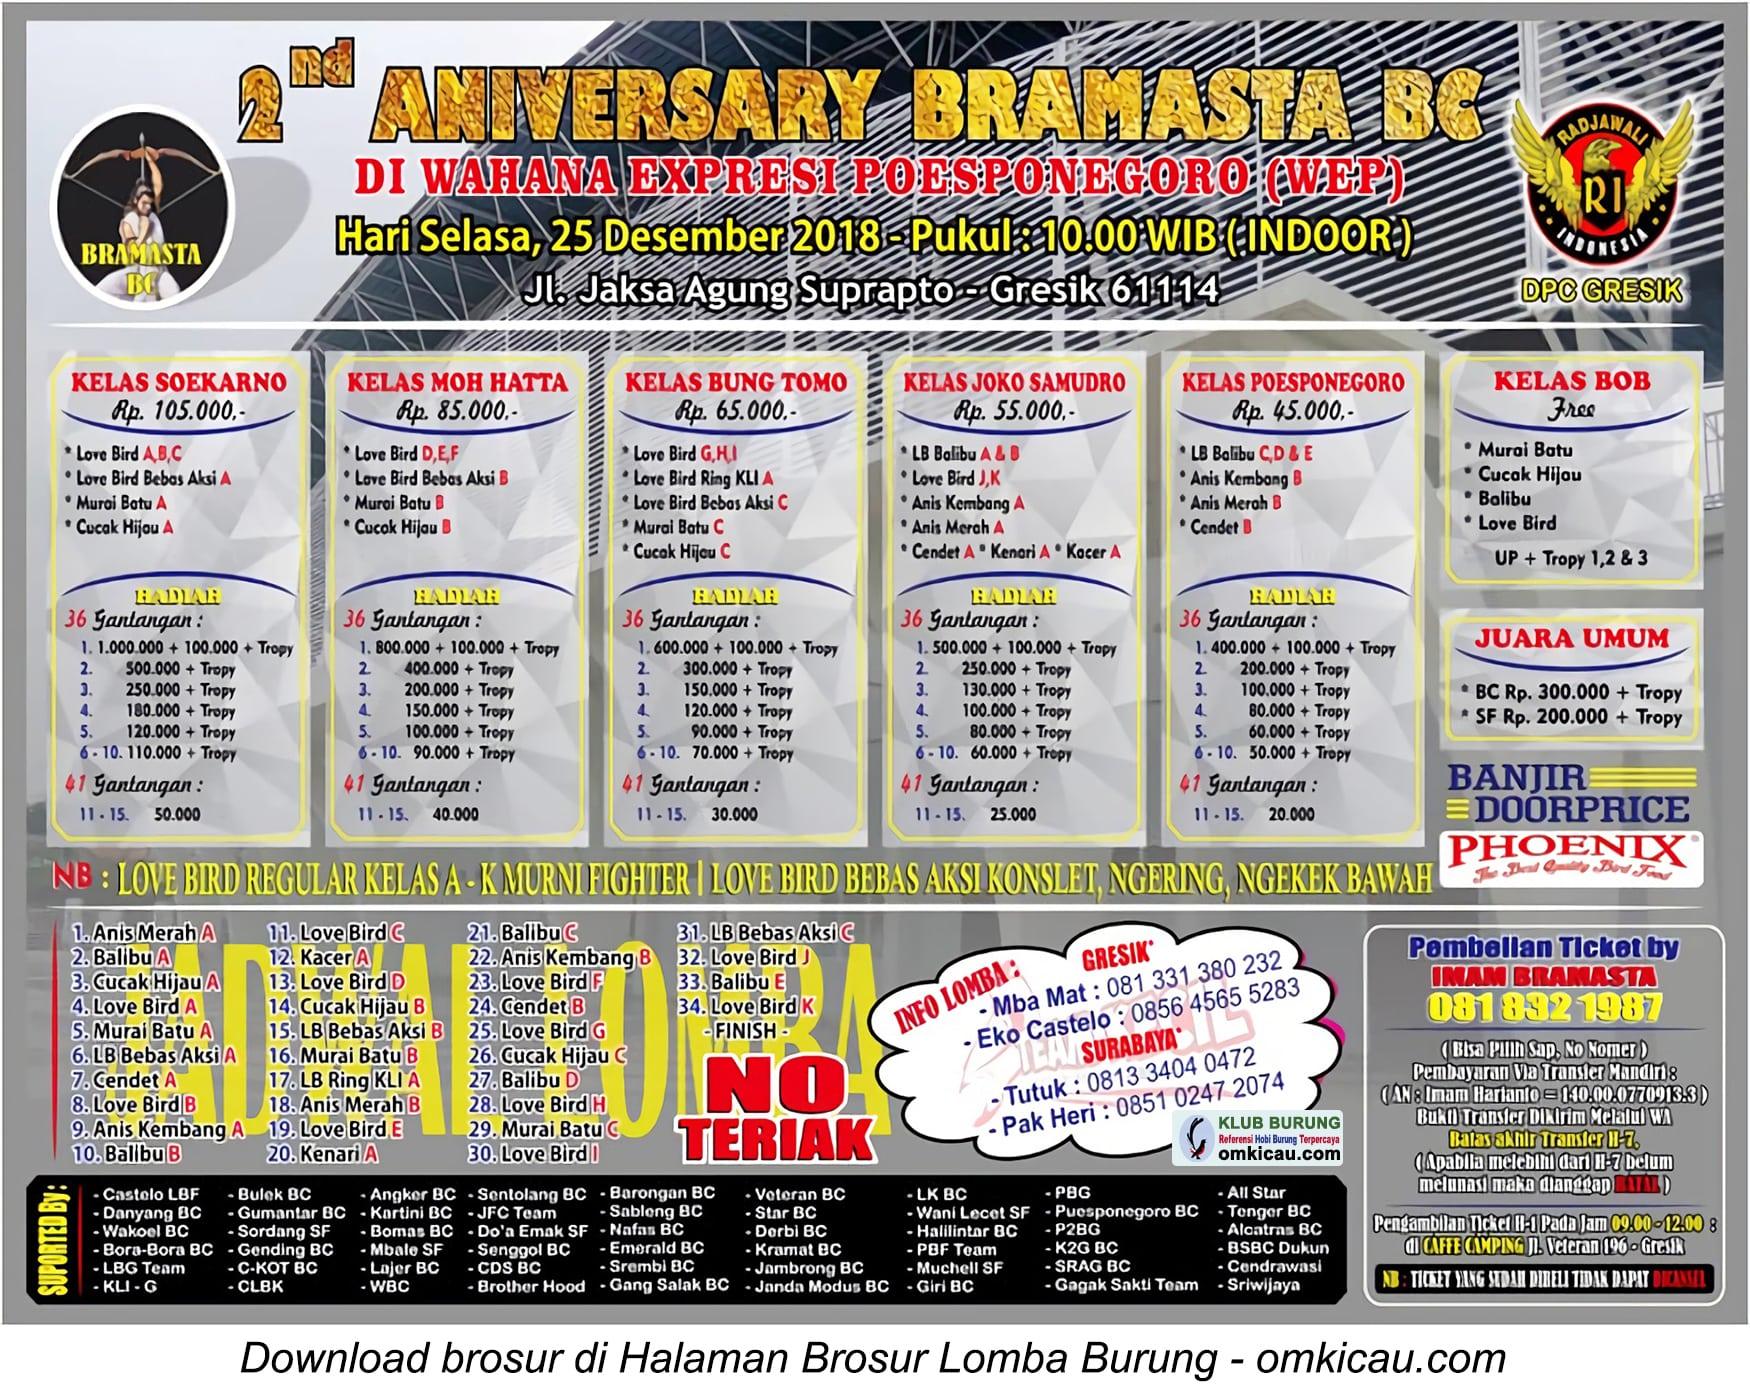 2nd Anniversary Bramasta BC